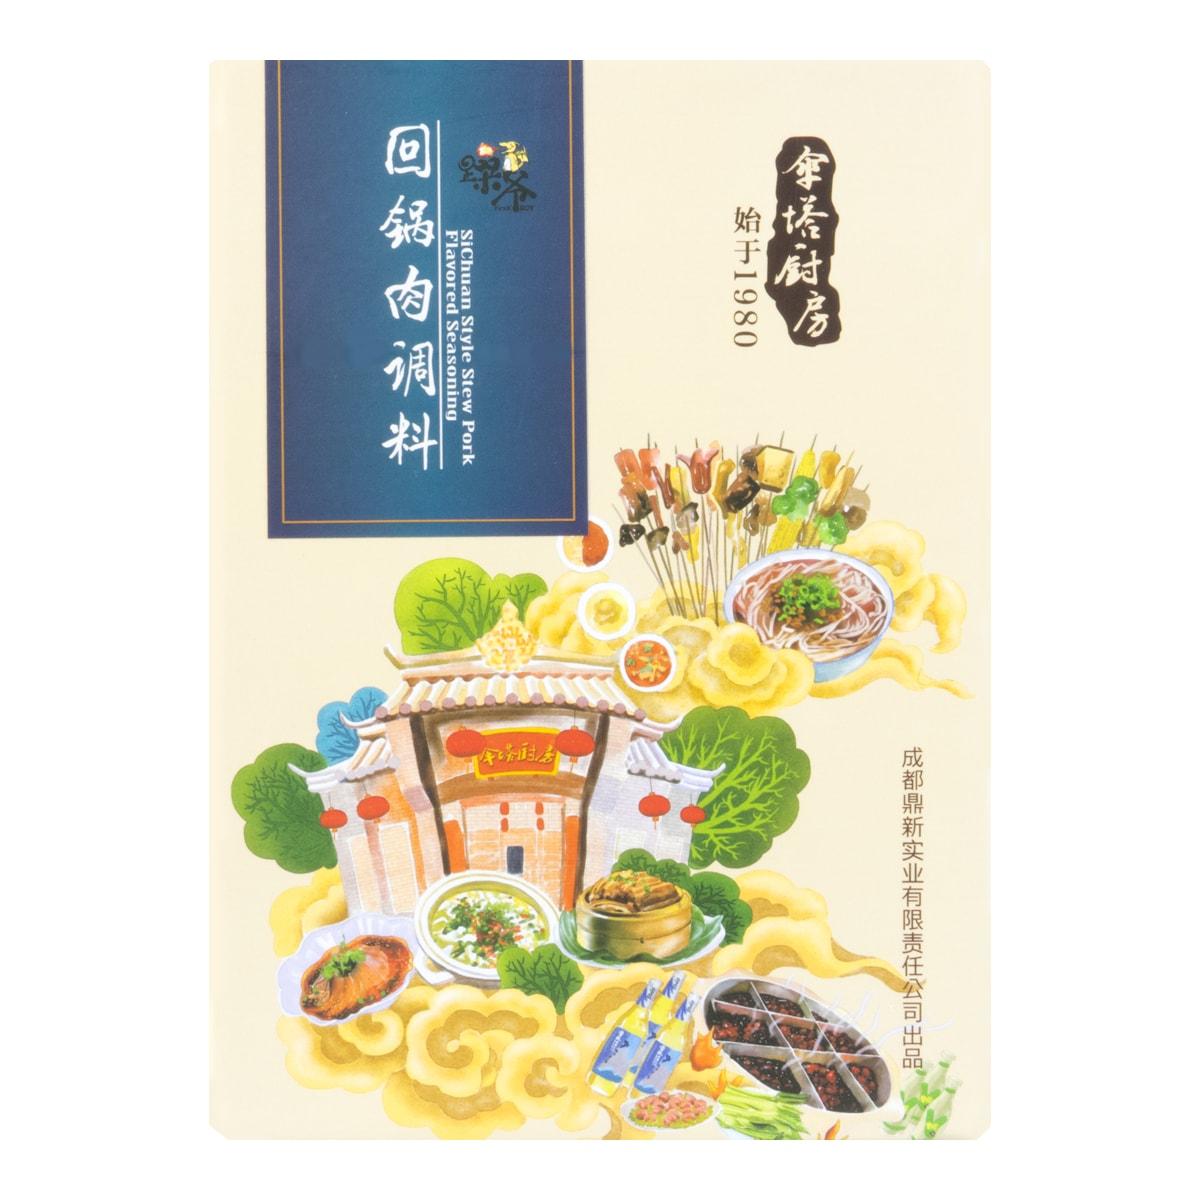 【清仓】躁爷 回锅肉调料 320g